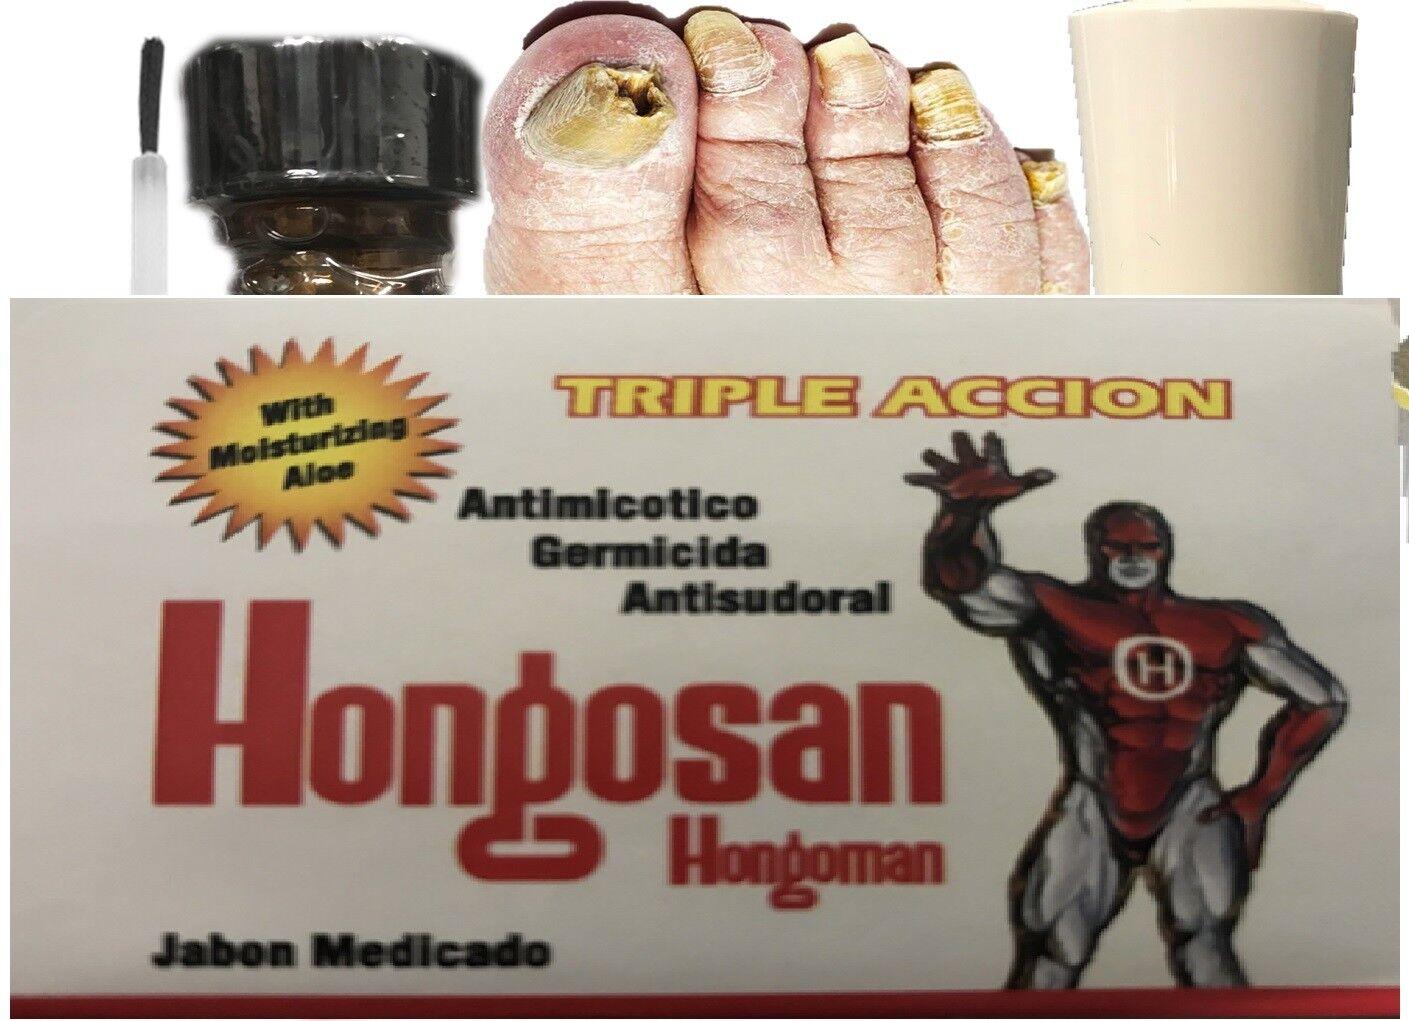 Loción Antihongos Tratamiento Antimicótico Para Infecciones Hongos Uñas piel kit 3